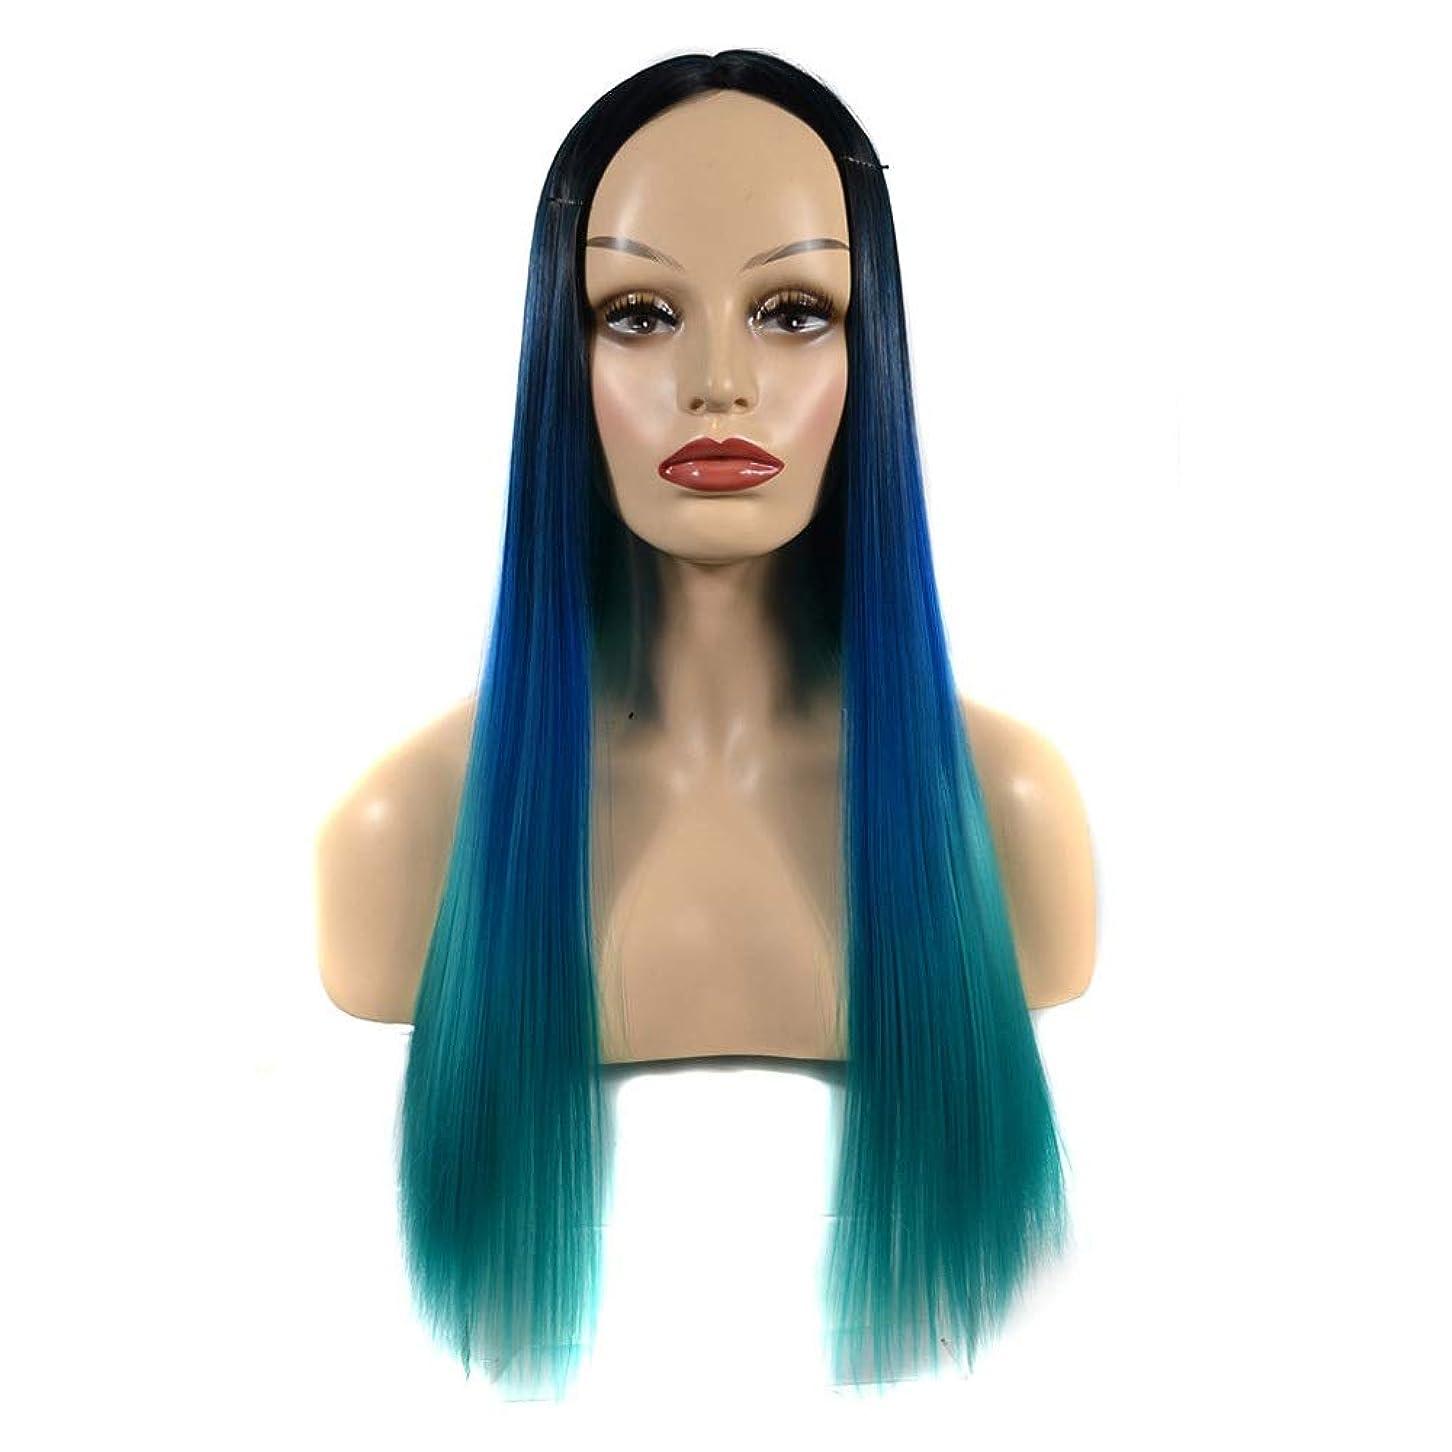 虐殺失敗石のHOHYLLYA 女性のストレートフルウィッグロングピーコックグリーンヘアウィッグエレガントなレディパーティーデイリードレスパーティーウィッグ (色 : オレンジ, サイズ : 60cm)